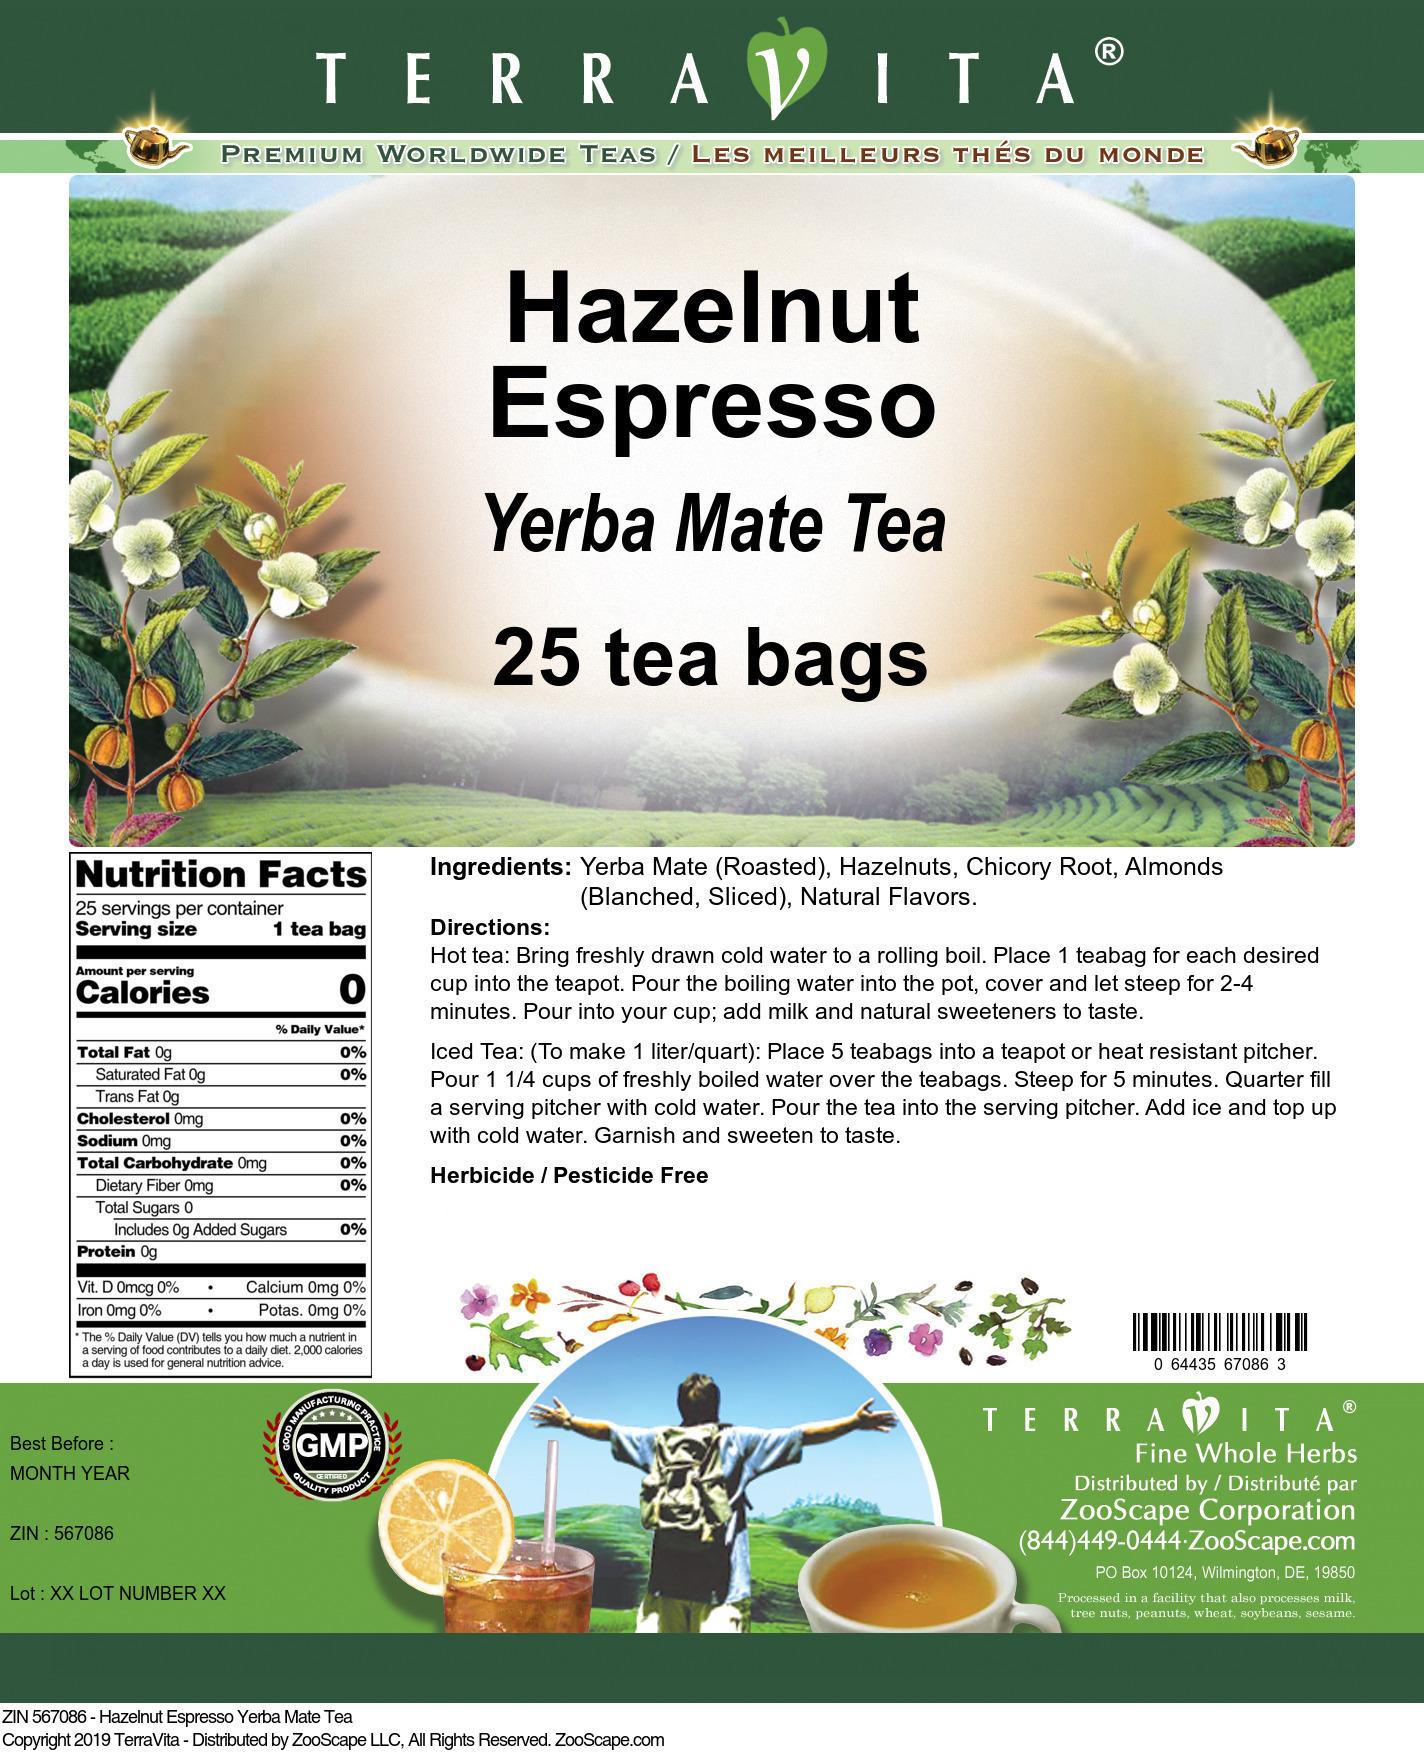 Hazelnut Espresso Yerba Mate